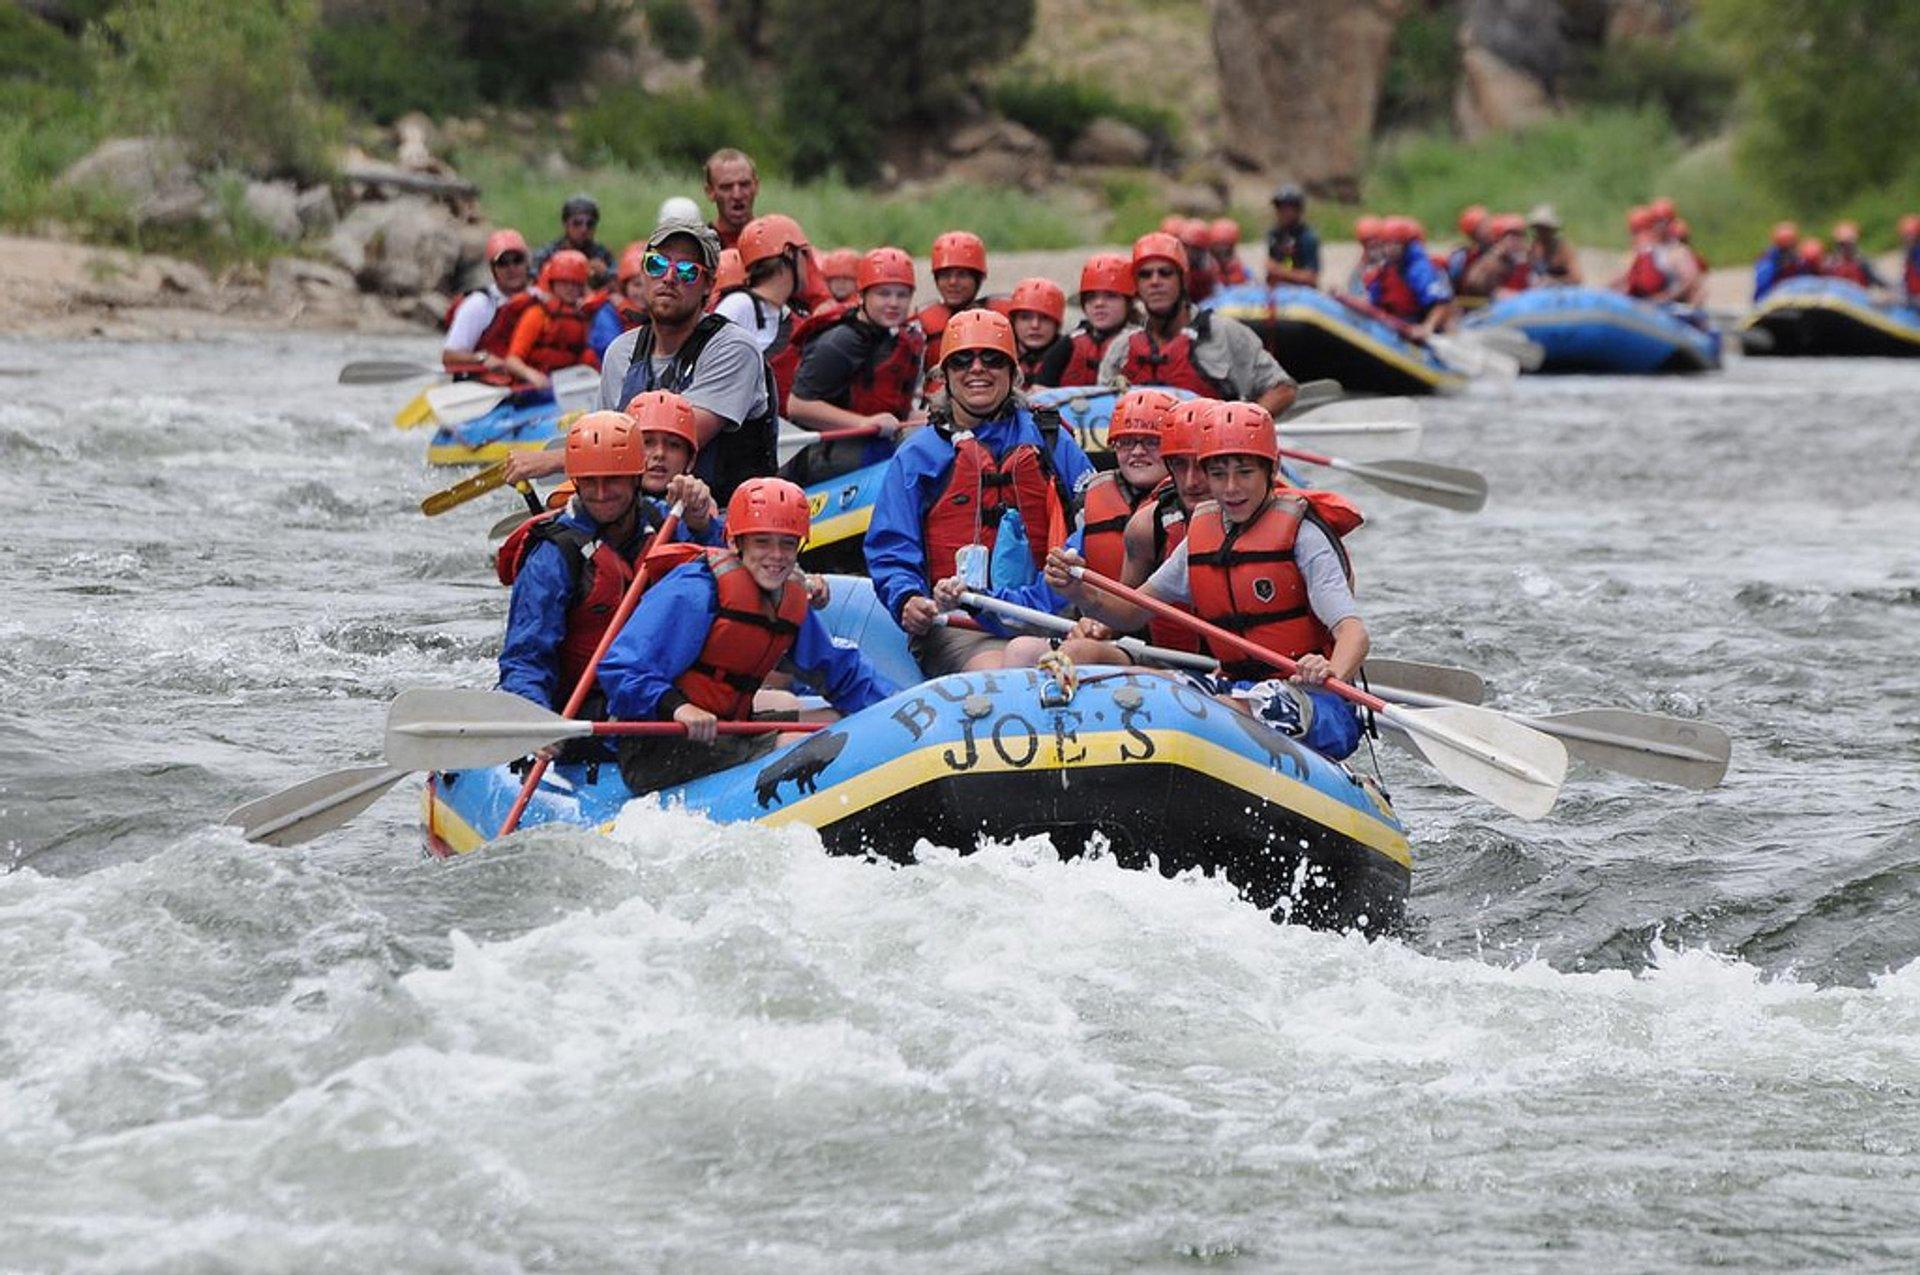 Whitewater Rafting in Colorado - Best Season 2020